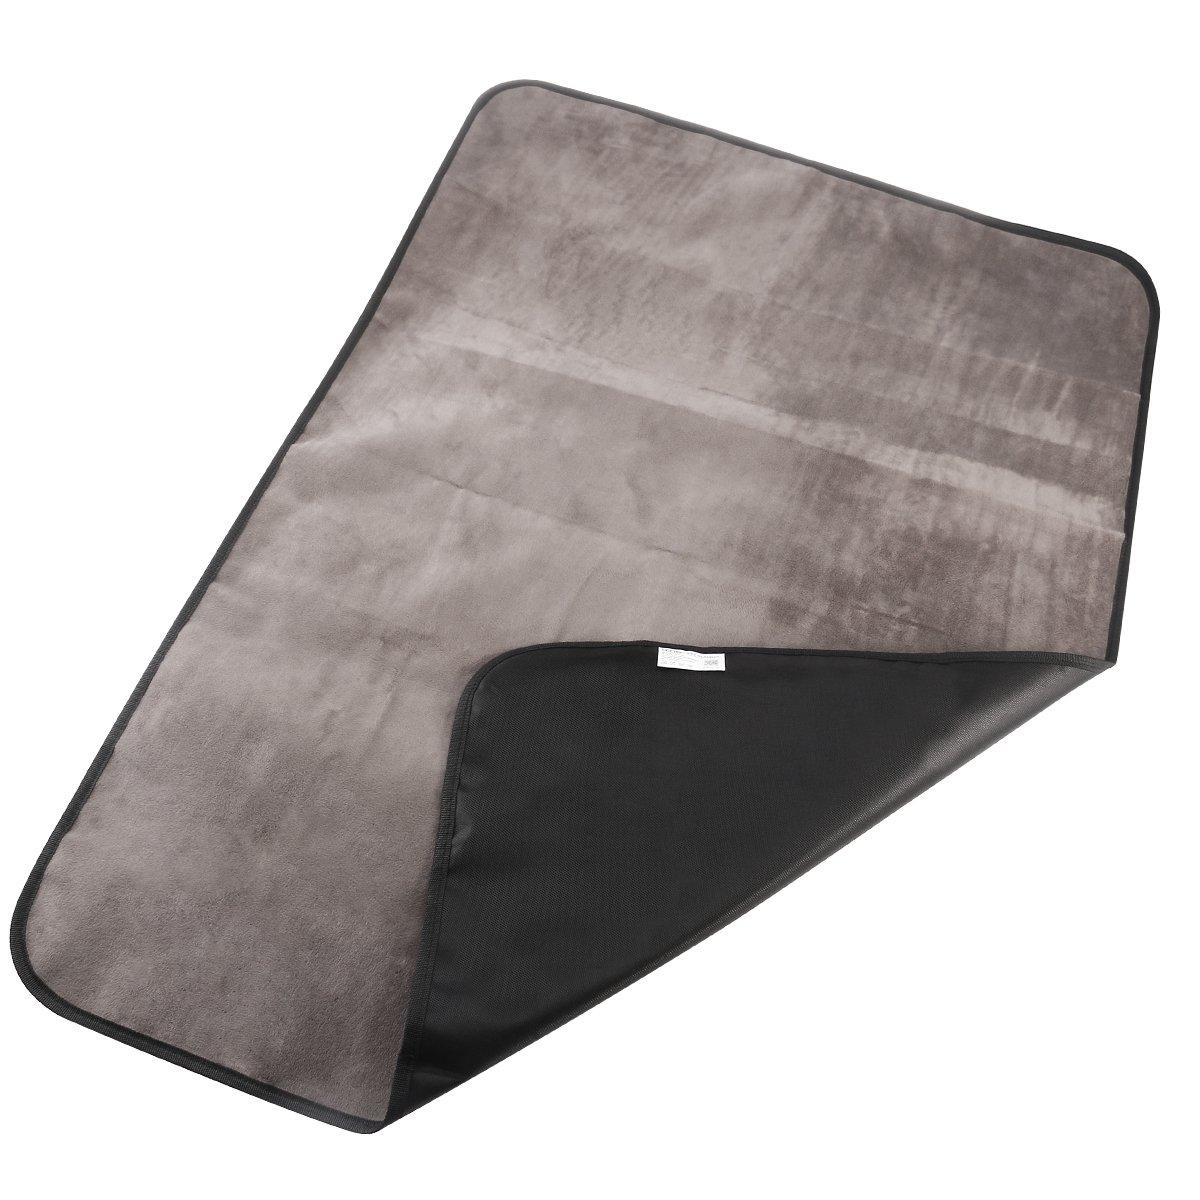 UEETEK Pet Dog Blanket, Waterproof Pet Mat for Dog Cat Indoor Outdoor Lawn Use, with Shoulder Bag, 100cm x 70cm